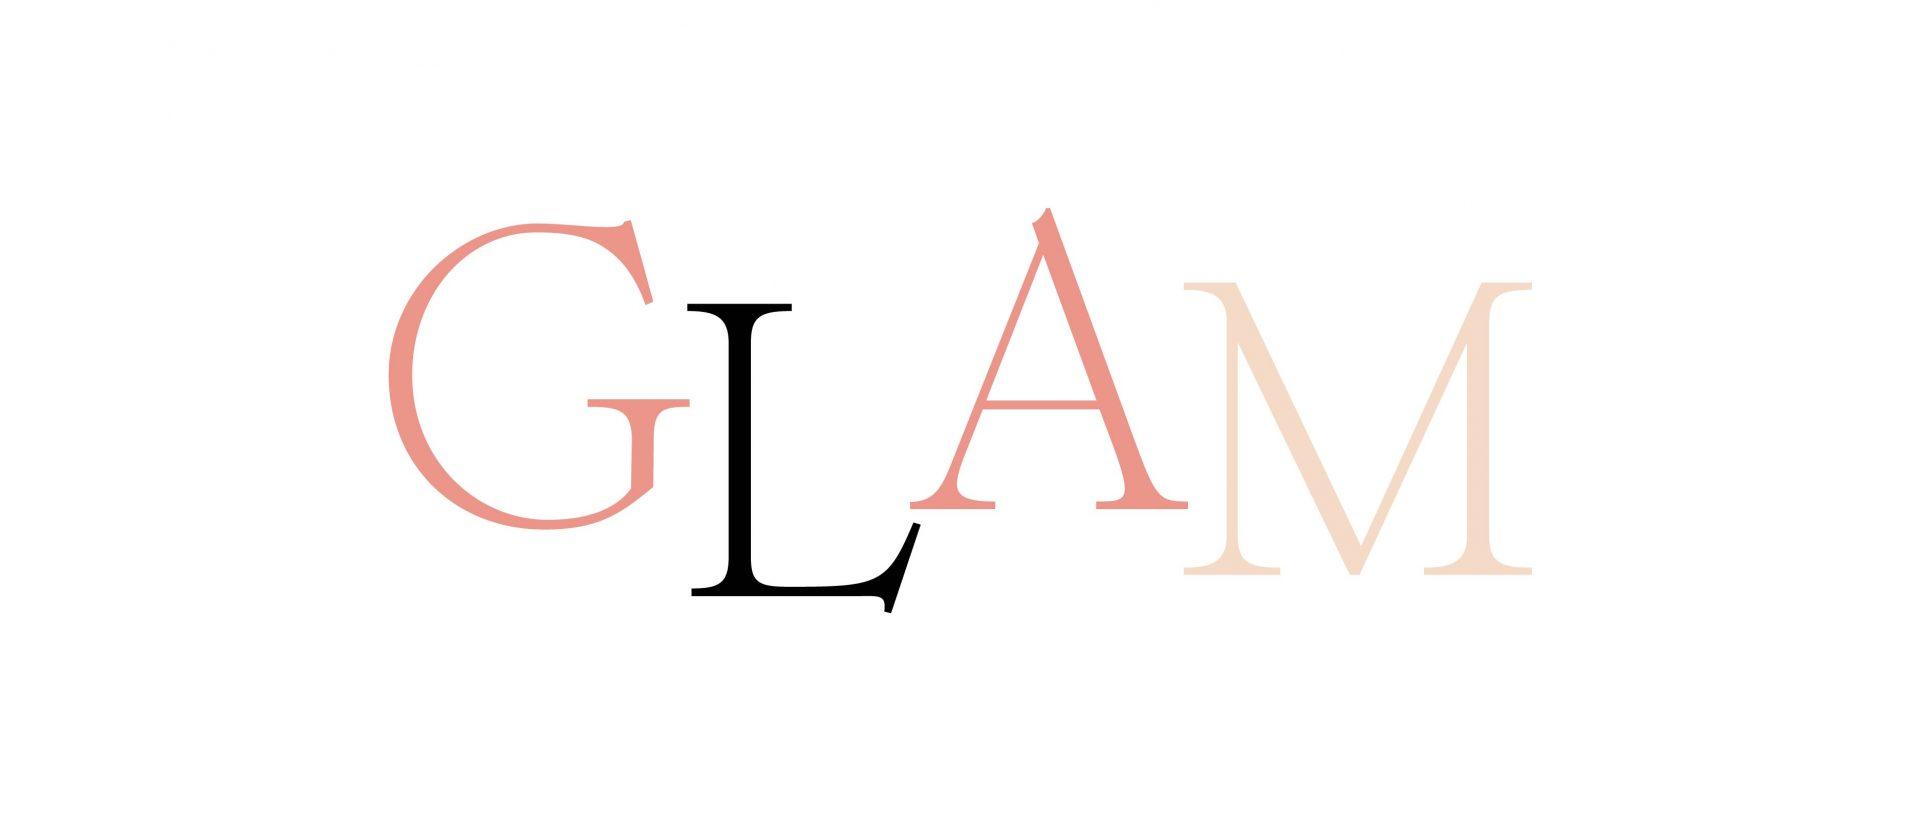 que es el estilo glam